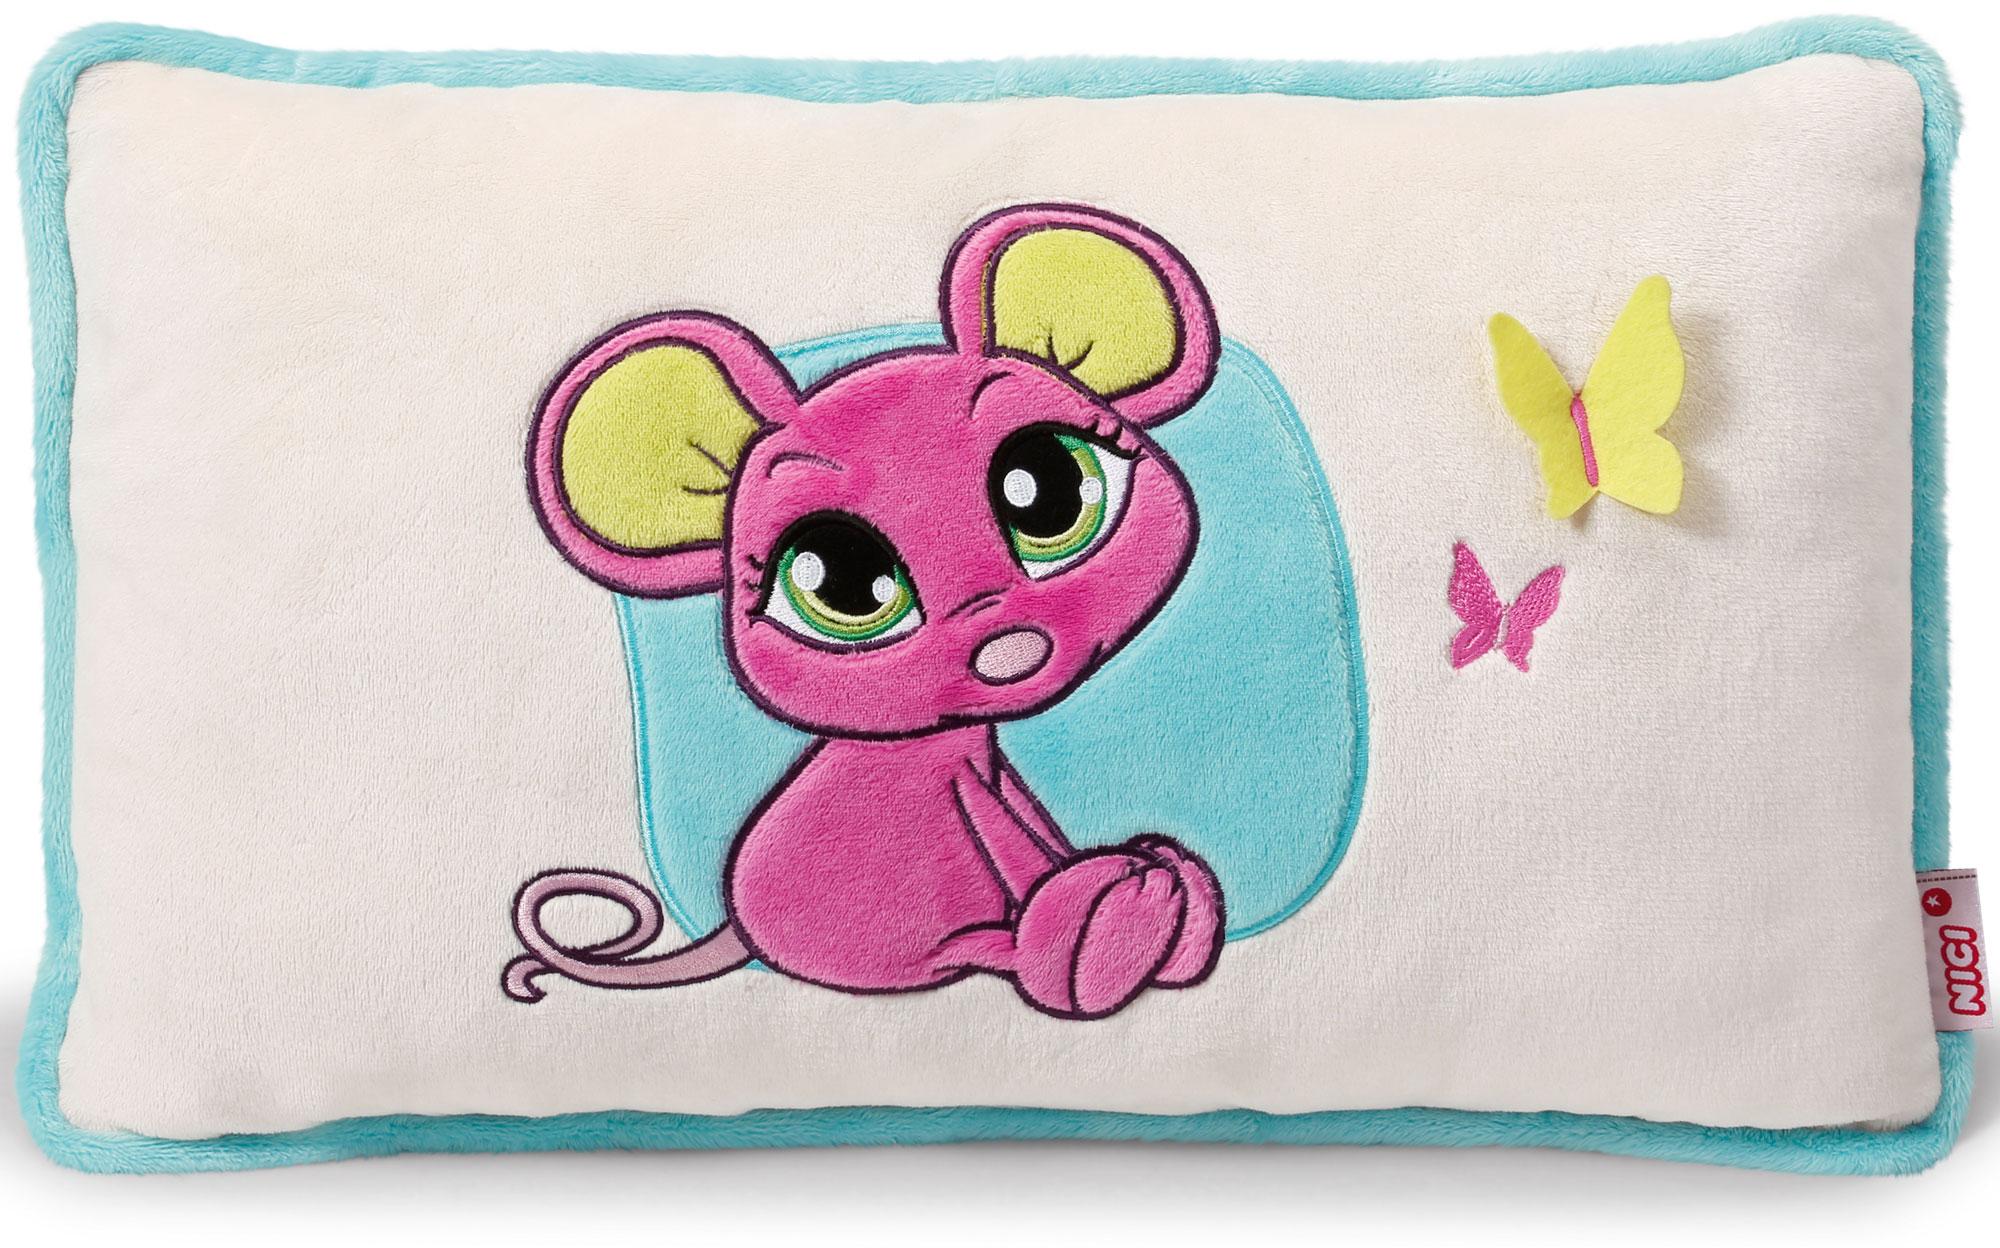 Nici Подушка Мышка розовая 43 х 25 см37778Мягкая подушка Nici Мышка розовая не оставит равнодушным вашего ребенка.Мягкая и приятная на ощупь подушка прямоугольной формы выполнена из полиэстера с мягкой набивкой и оформлена вышитой аппликацией в виде симпатичной розовой мышки. Подушка удивительно приятна на ощупь. Необычайно мягкая, она принесет радость и подарит своему обладателю мгновения нежных объятий и приятных воспоминаний.Такая подушка станет отличным аксессуаром для детской комнаты.